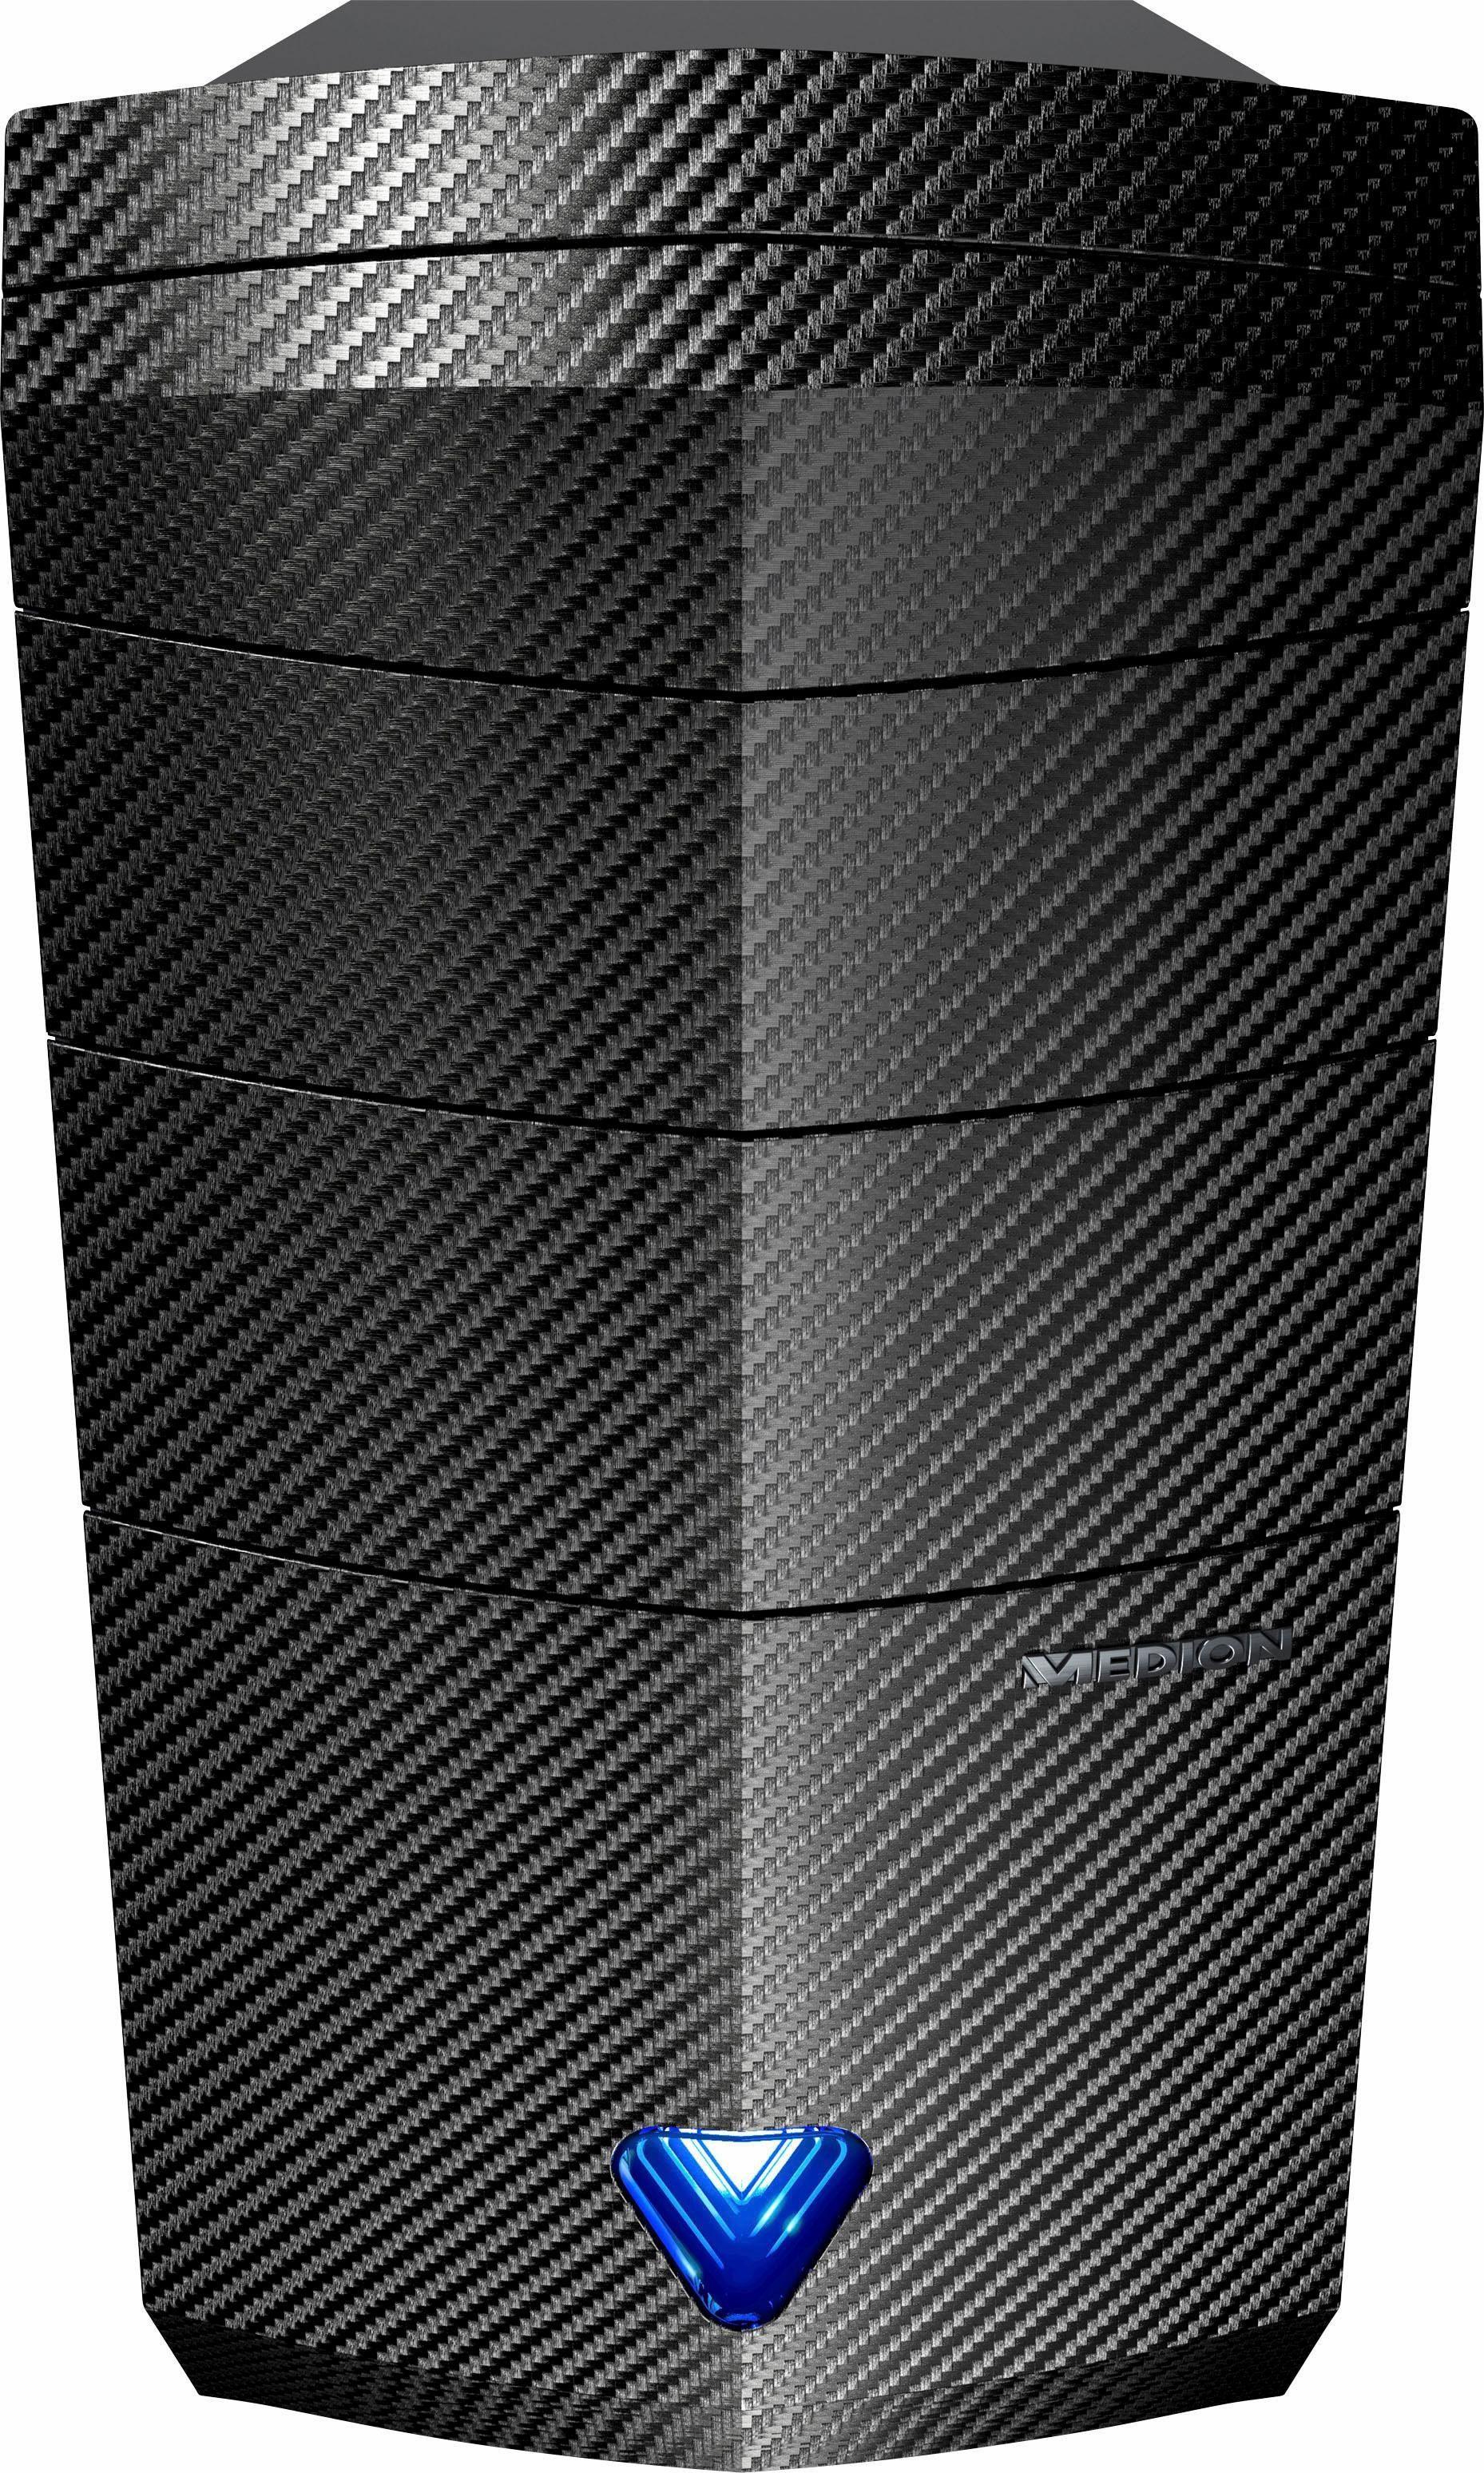 Medion® AKOYA P3605 D, AMD Ryzen™ 5, 8192 MB DDR4, 1120 GB Speicher, AMD Radeon RX 460